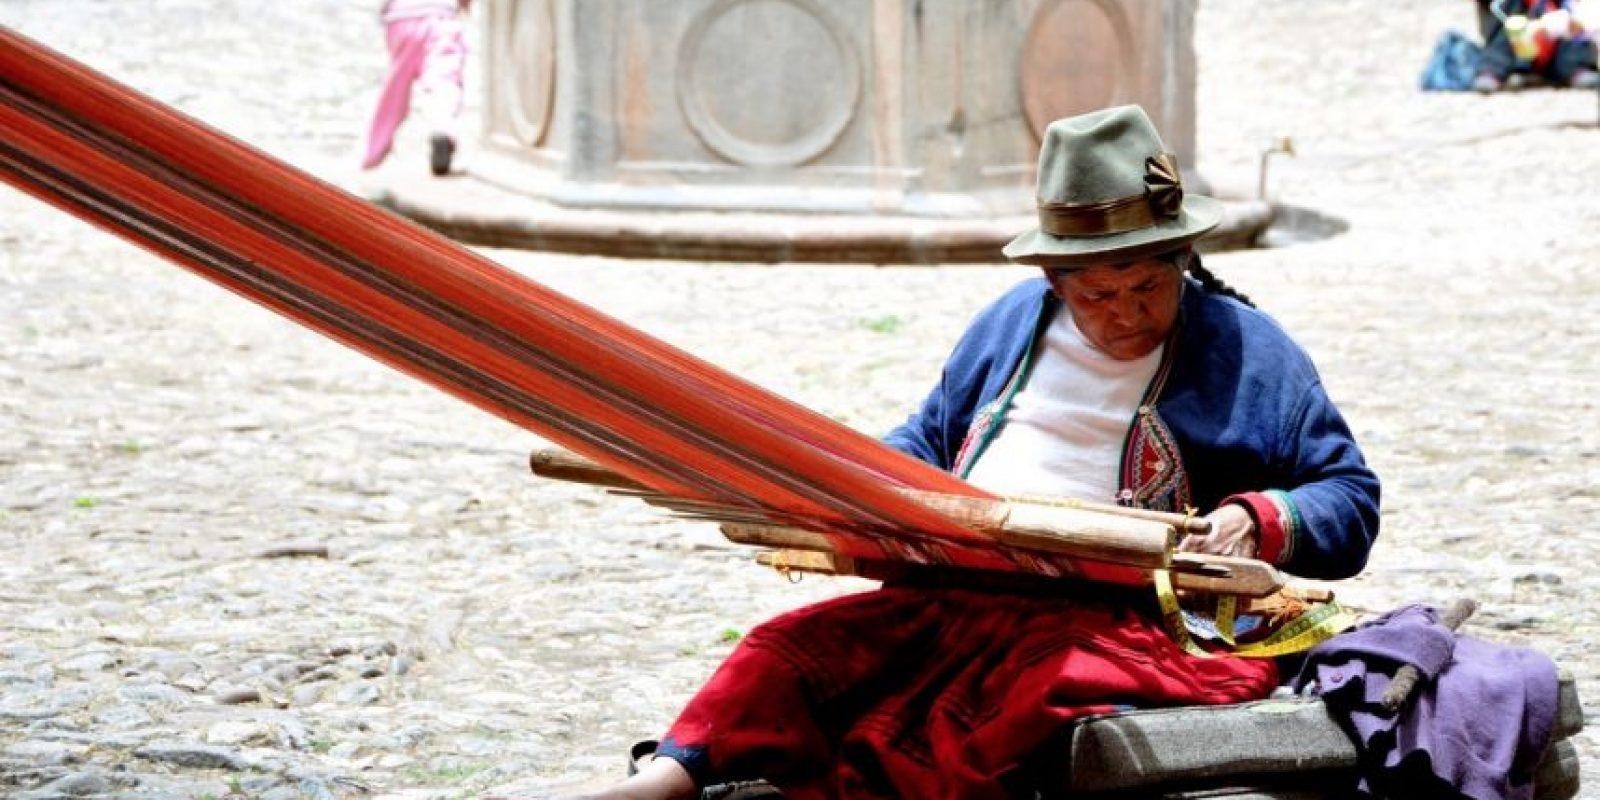 Así laboran las mujeres Quechuas en Perú. Foto:Flickr.com. Imagen Por: